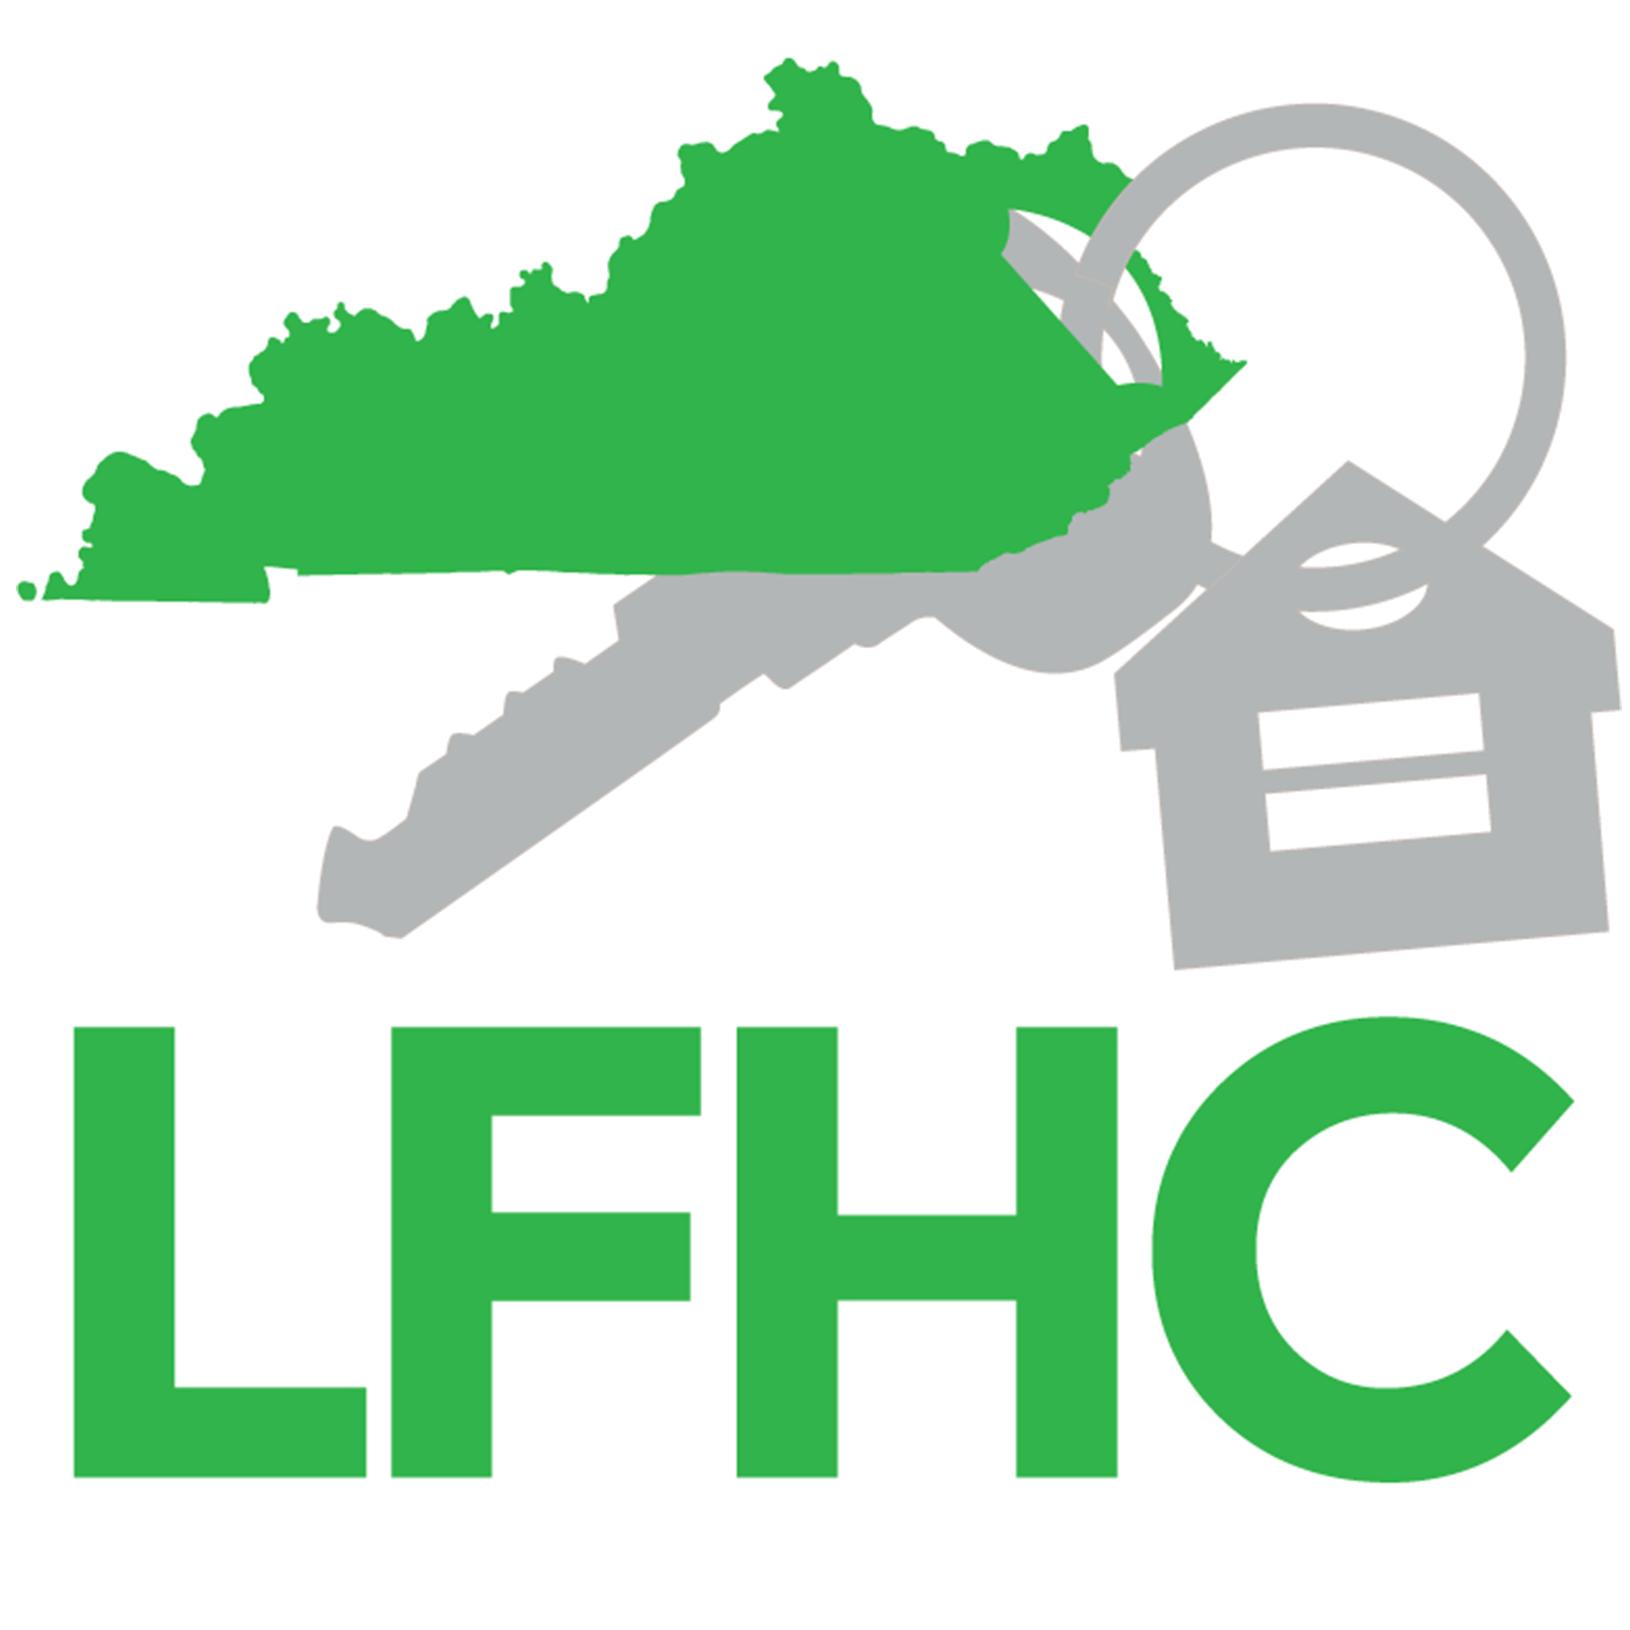 7_31LFHC-logo-&-initials (1).png